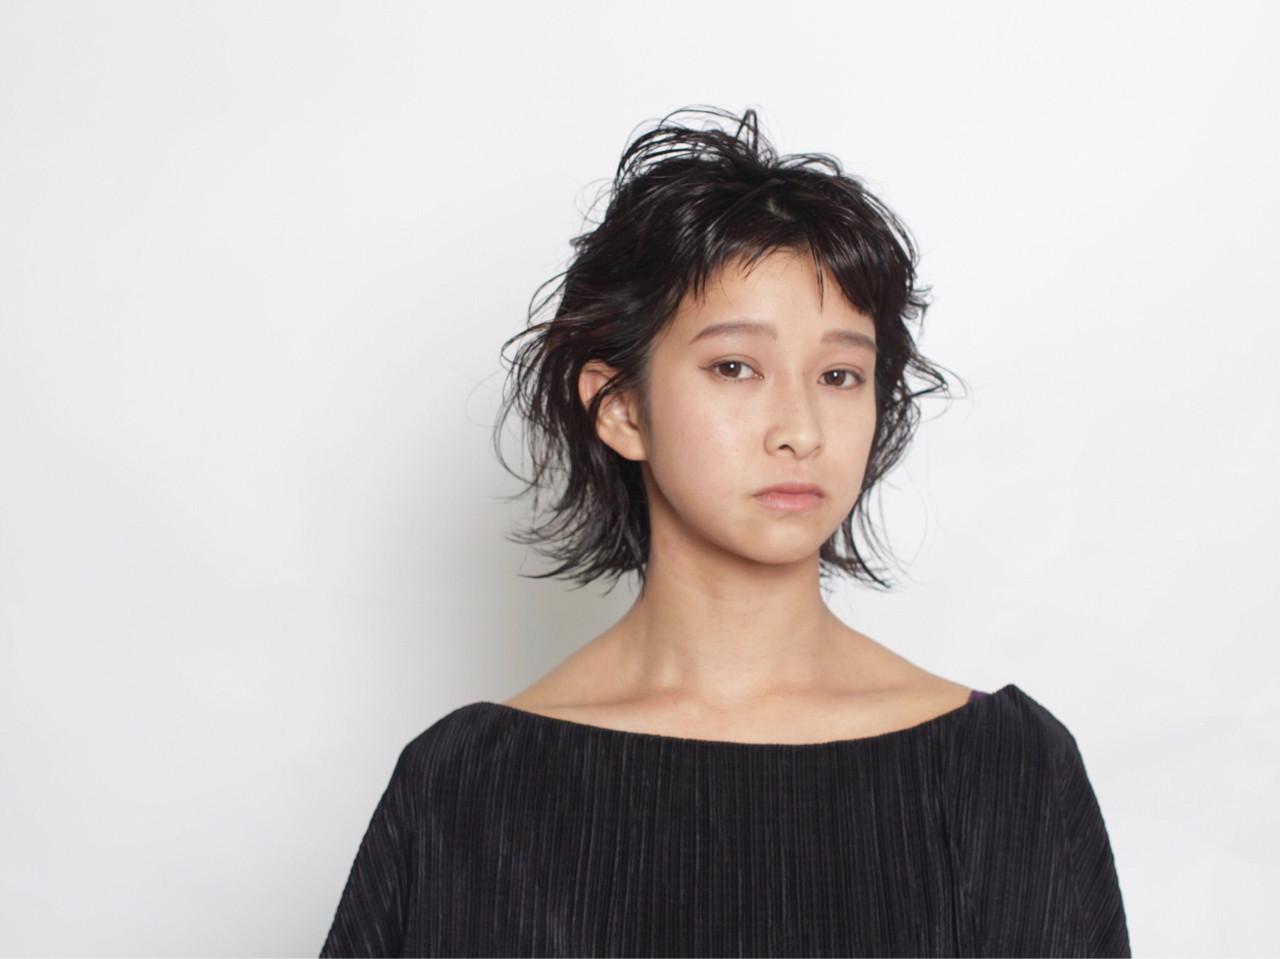 エアリーカールならとってもキュート♪ 仙頭郁弥  loji+LIM